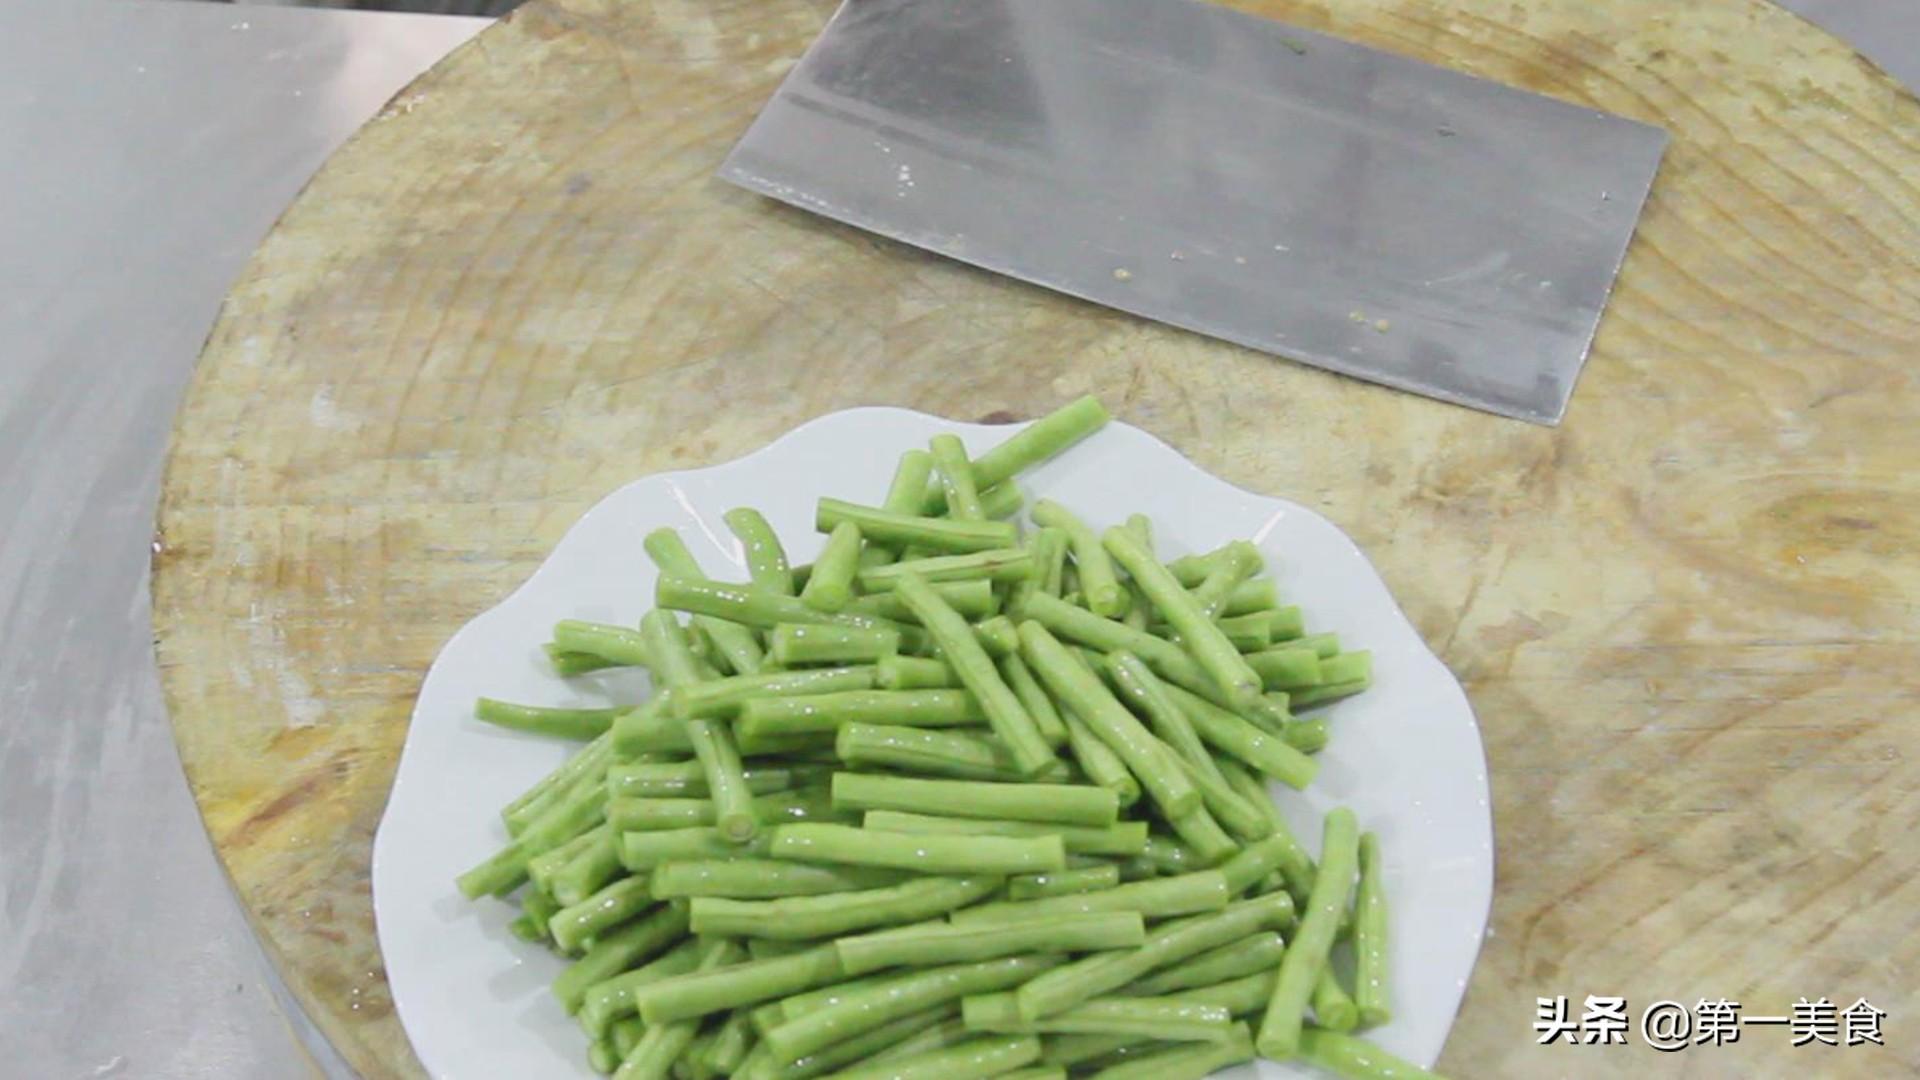 干煸豆角的家常做法,一招学会,在家轻松就能搞定 美食做法 第2张